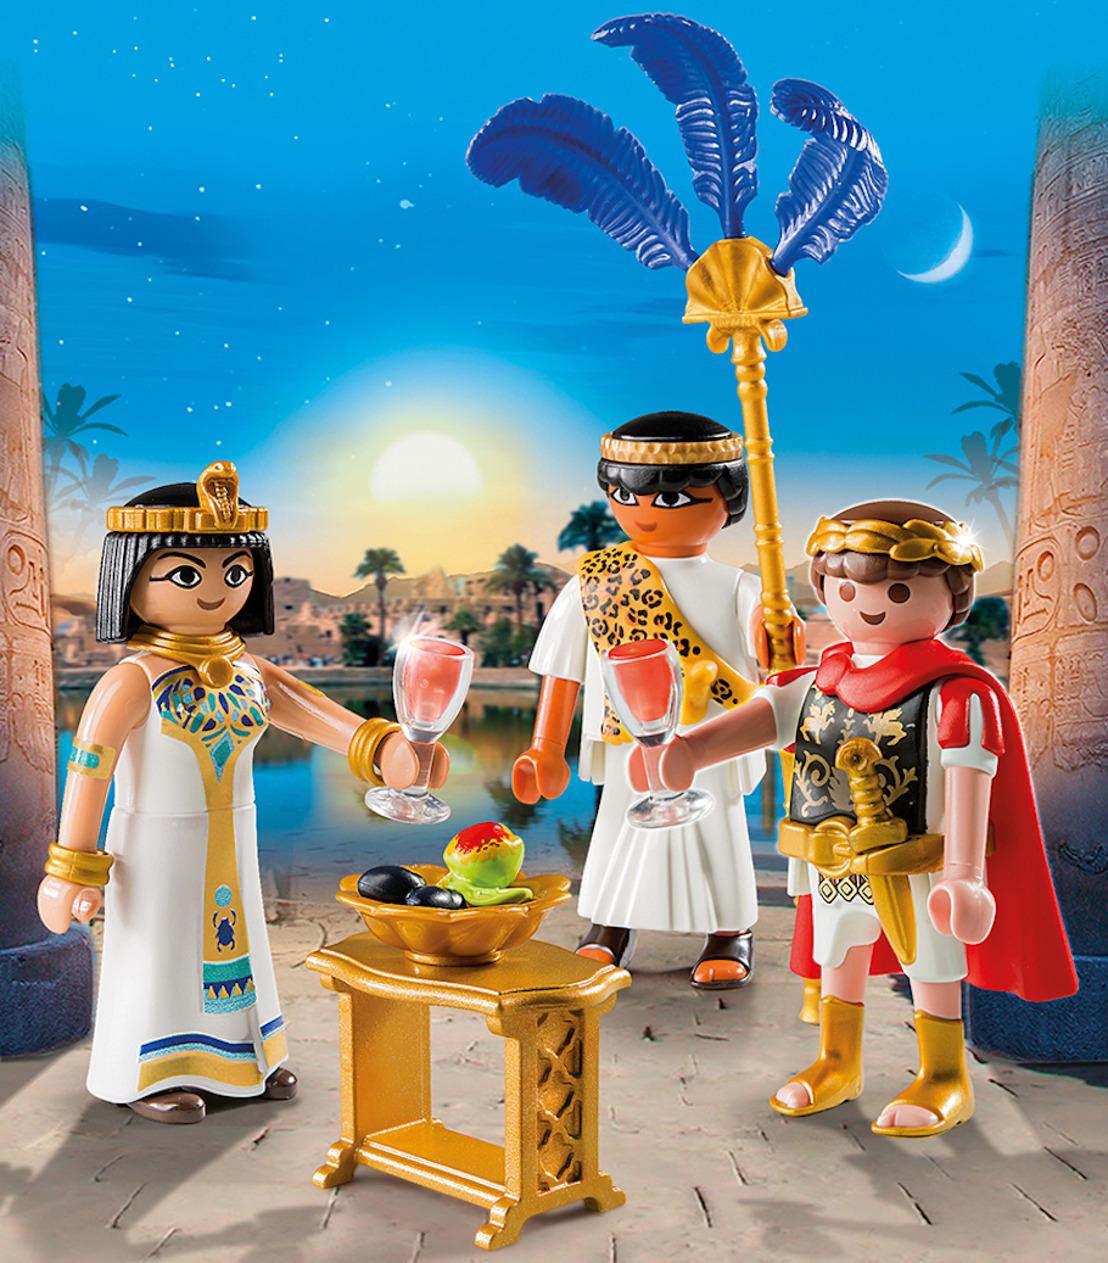 Sta oog in oog met Cleopatra, vecht zij aan zij met Caesar!